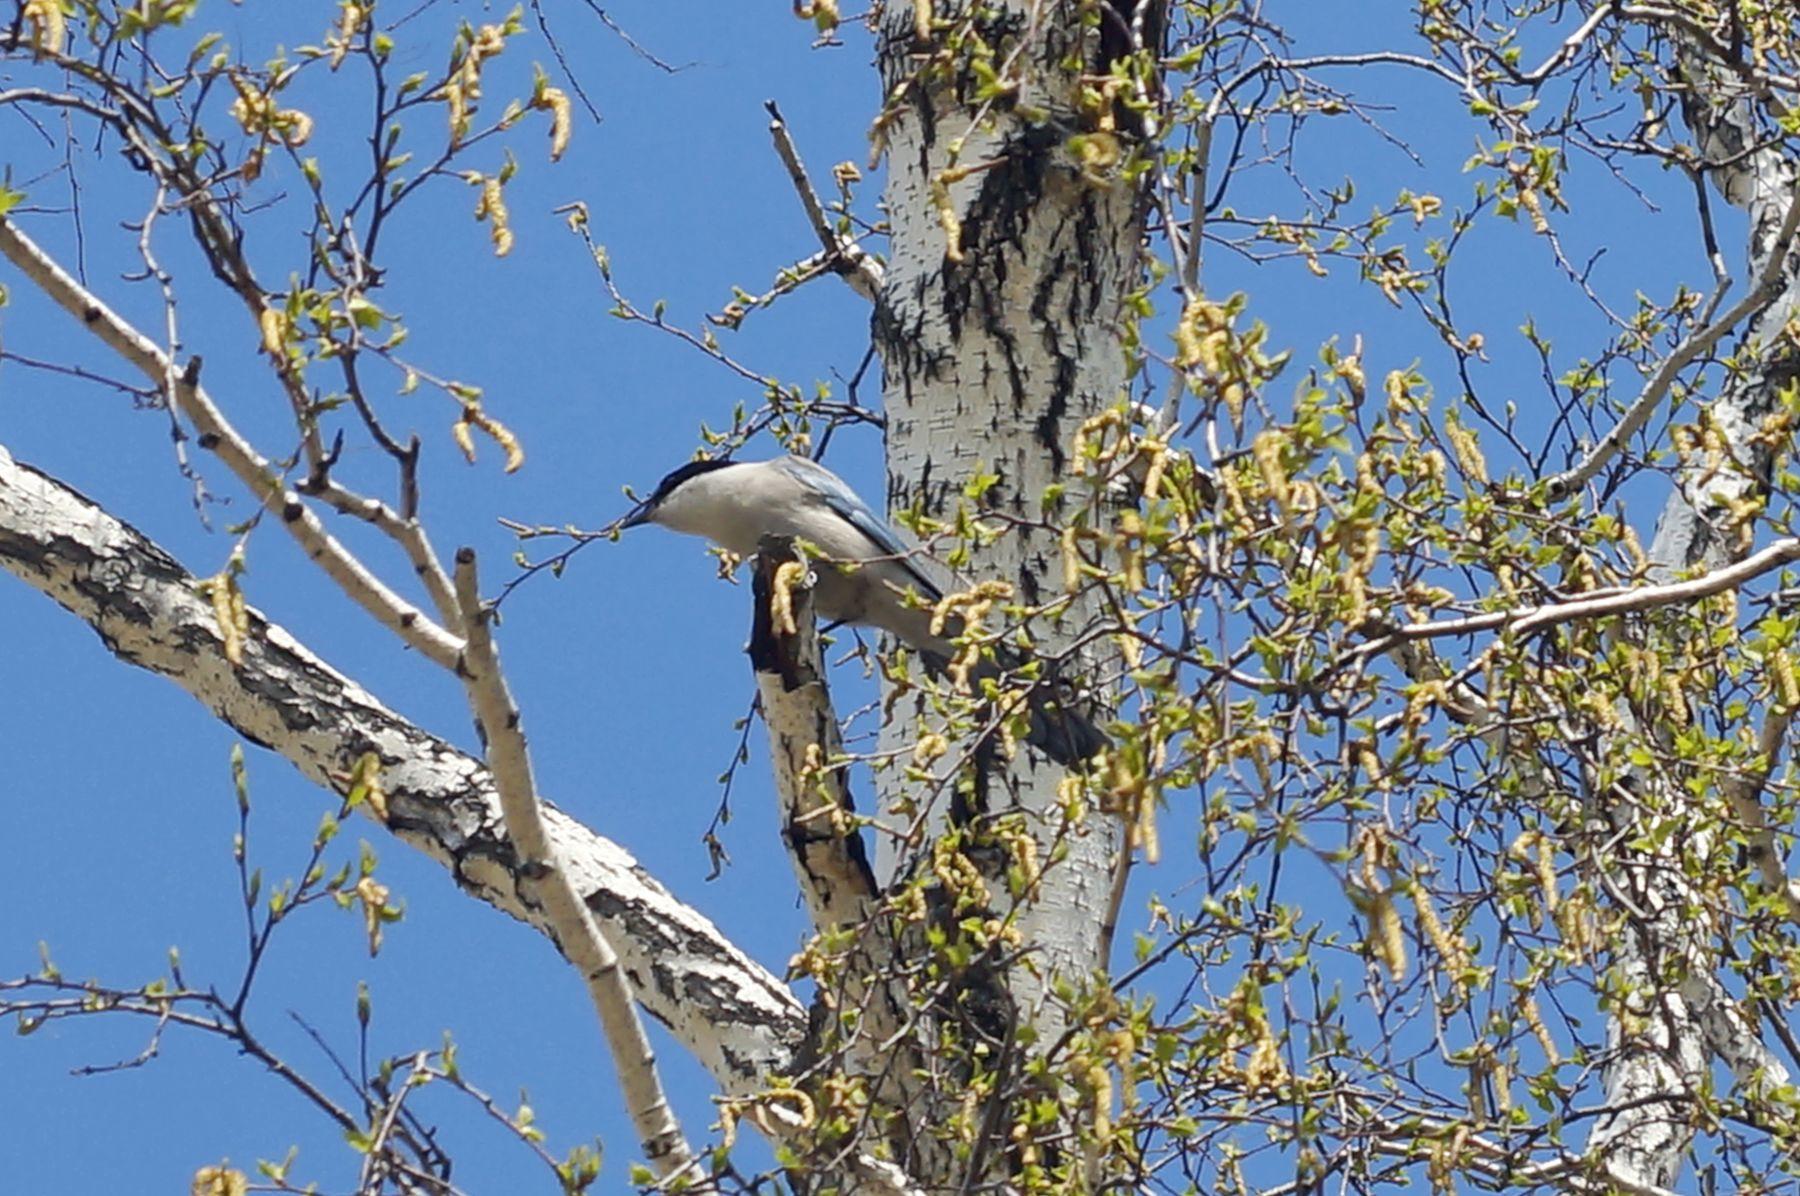 Голубая ворона голубая ворона птица весна лес береза